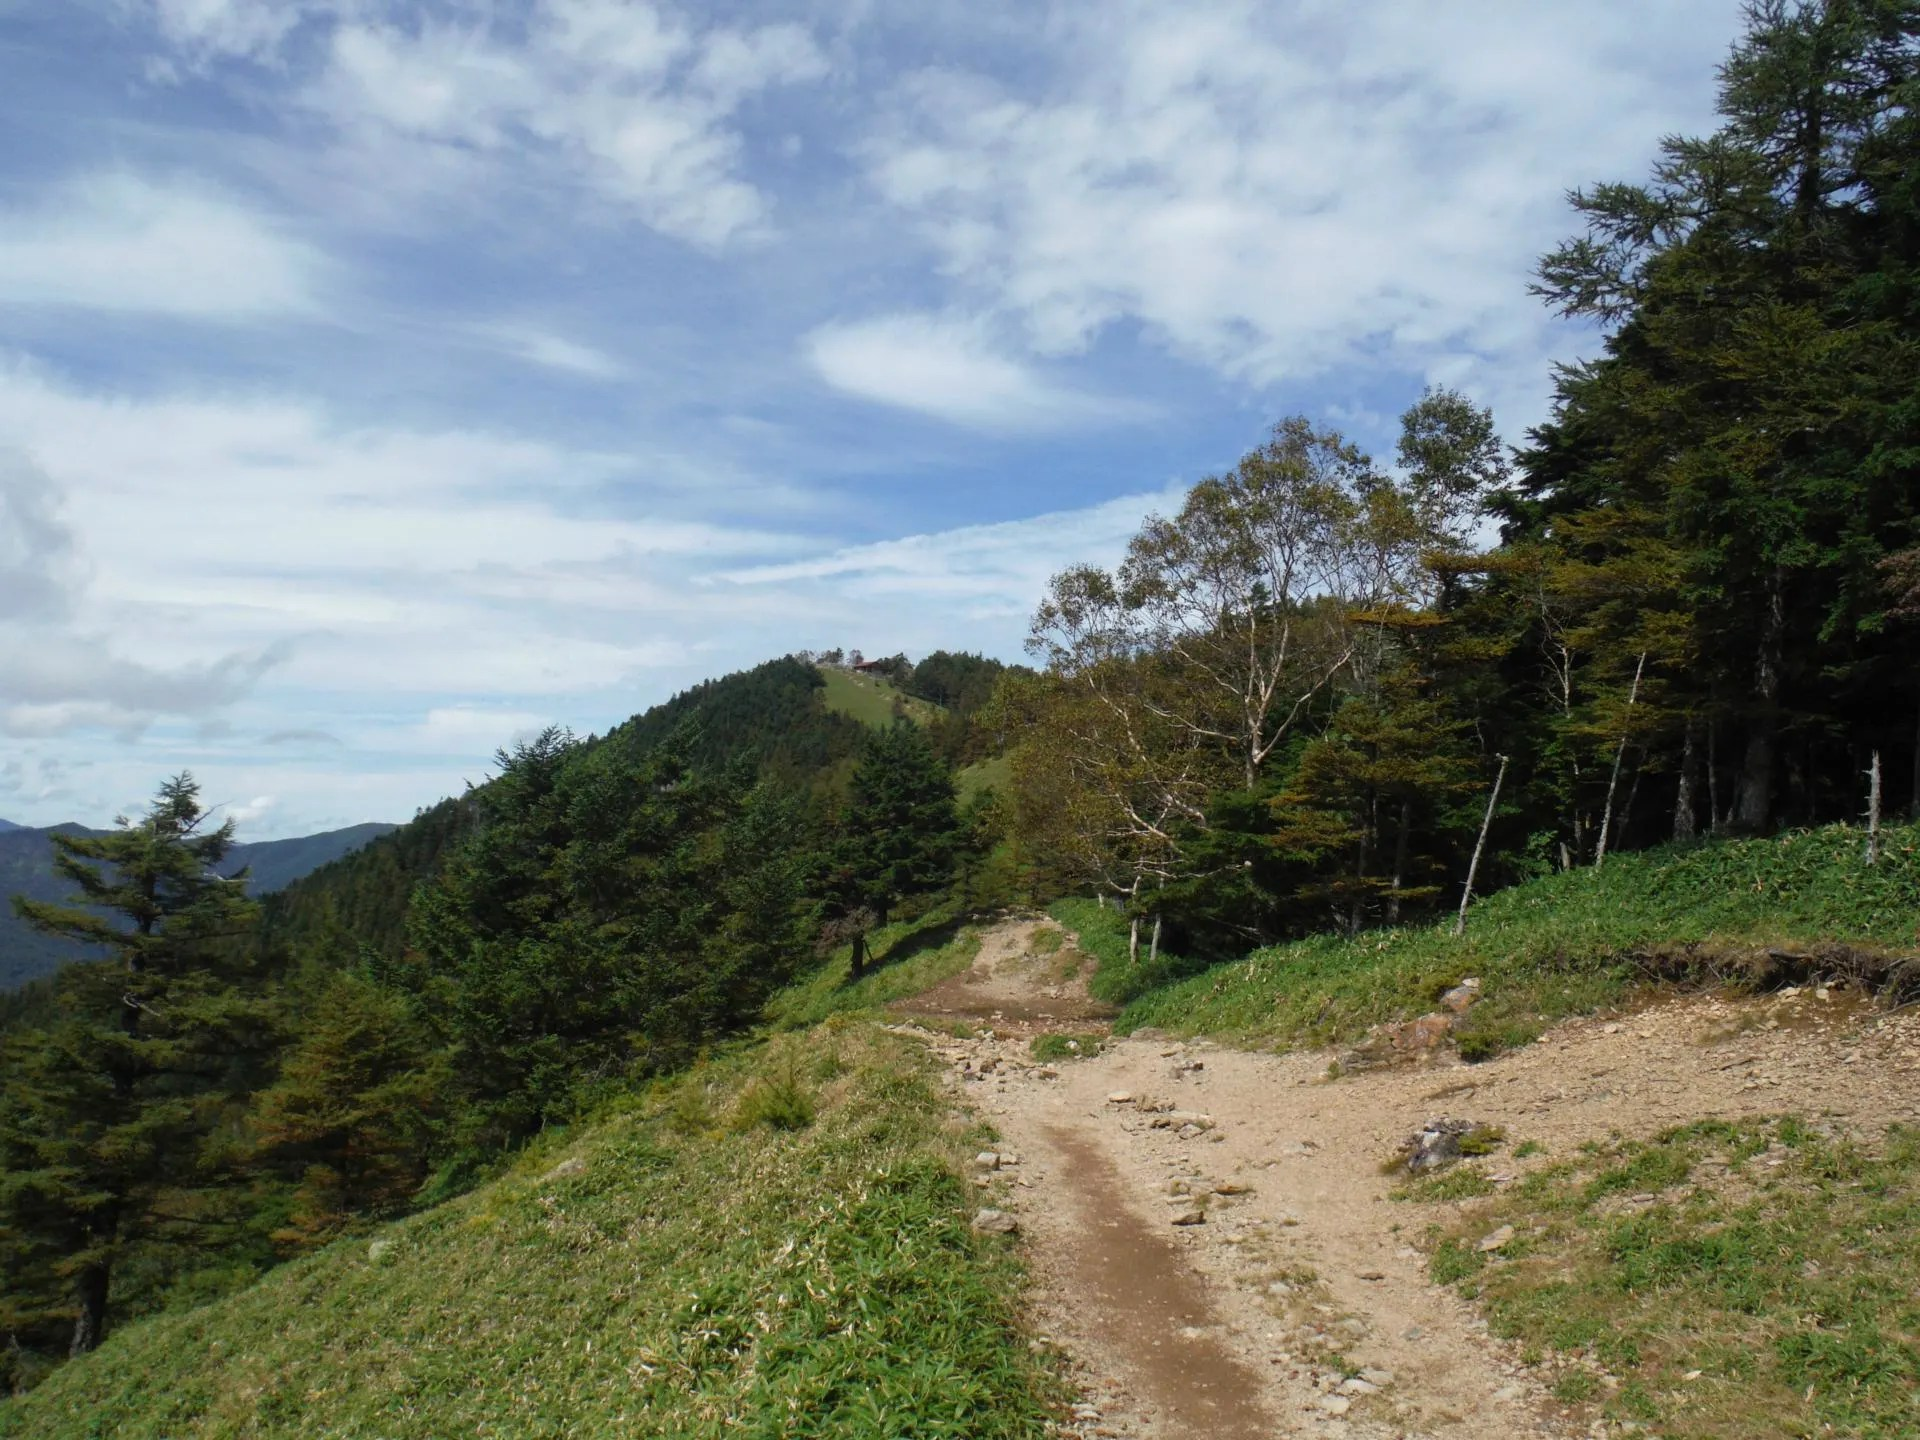 奧集落から雲取山 - へなちょことたん どこいくっ?